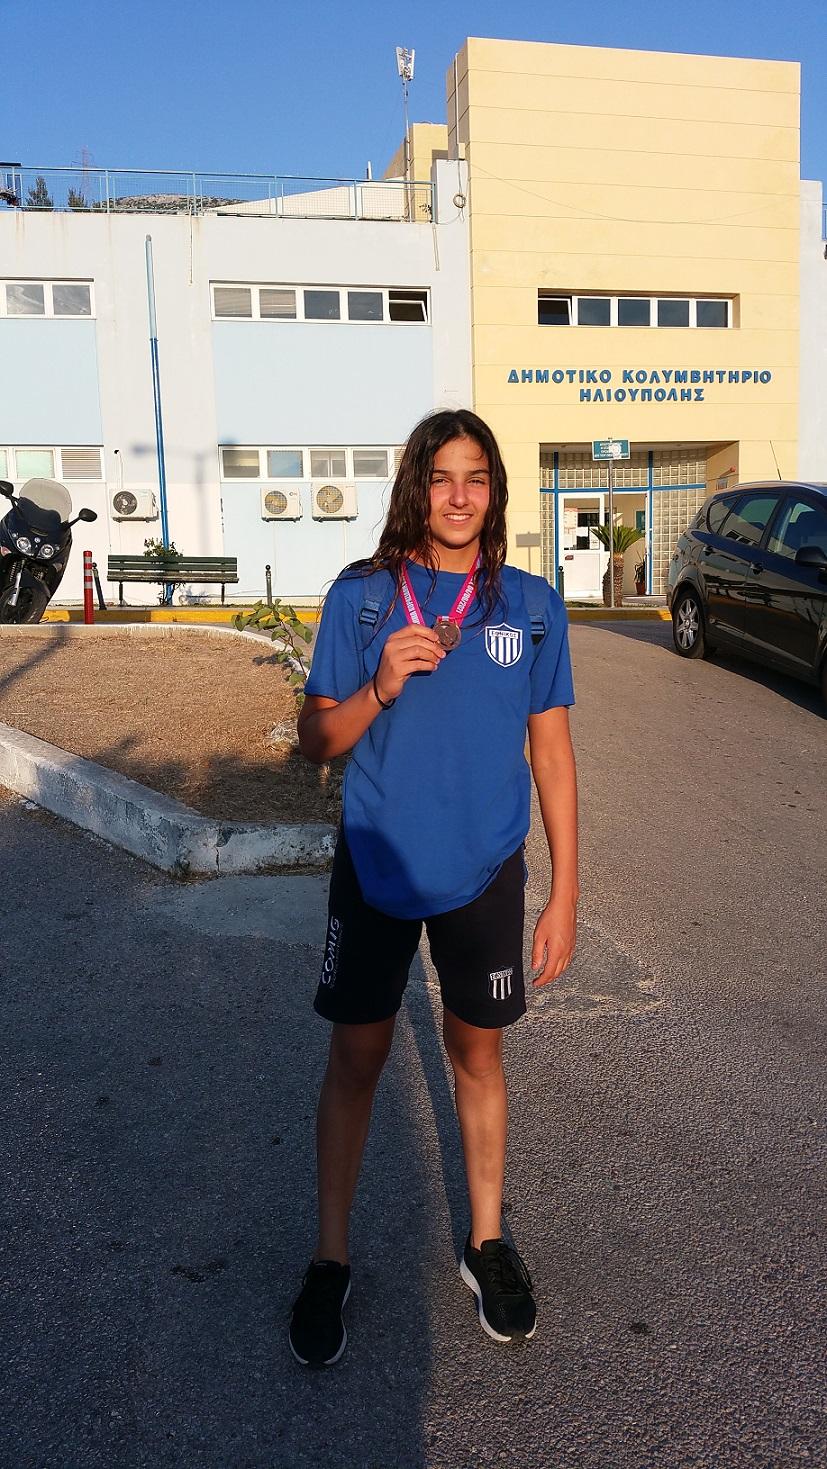 Eirini Markatseli, élève de Γ' Gymnase, remporte la médaille de bronze au championnat junior féminin de waterpolo-0